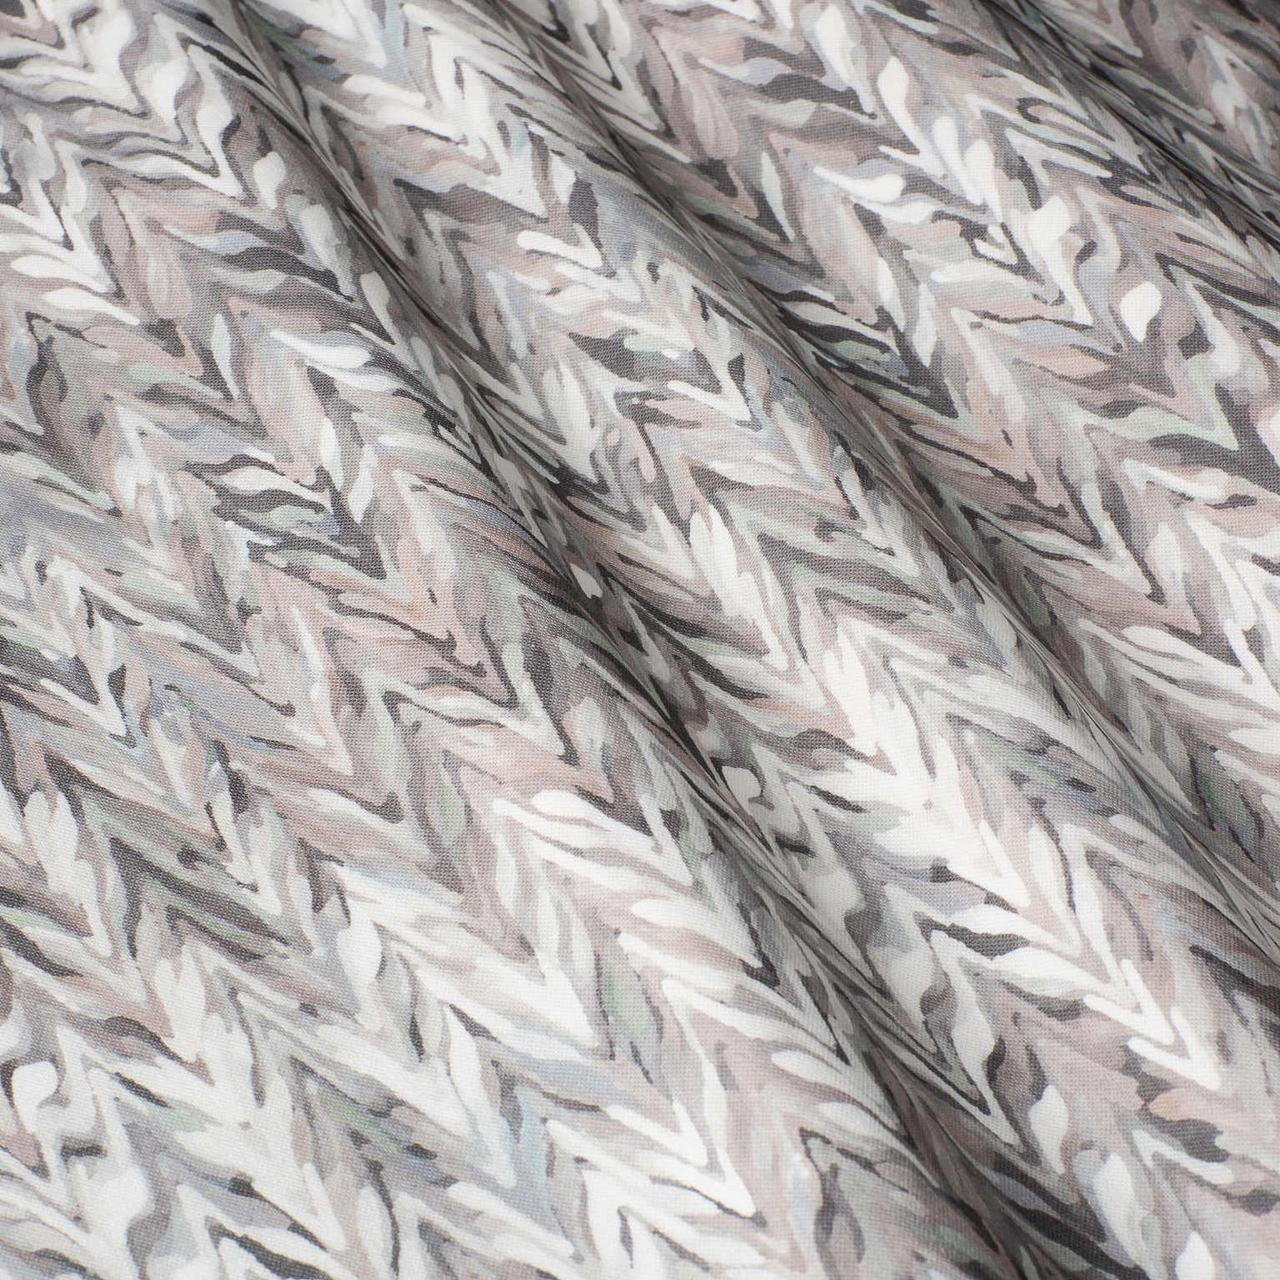 Декоративные ткани с серым абстрактным узором 84293v2